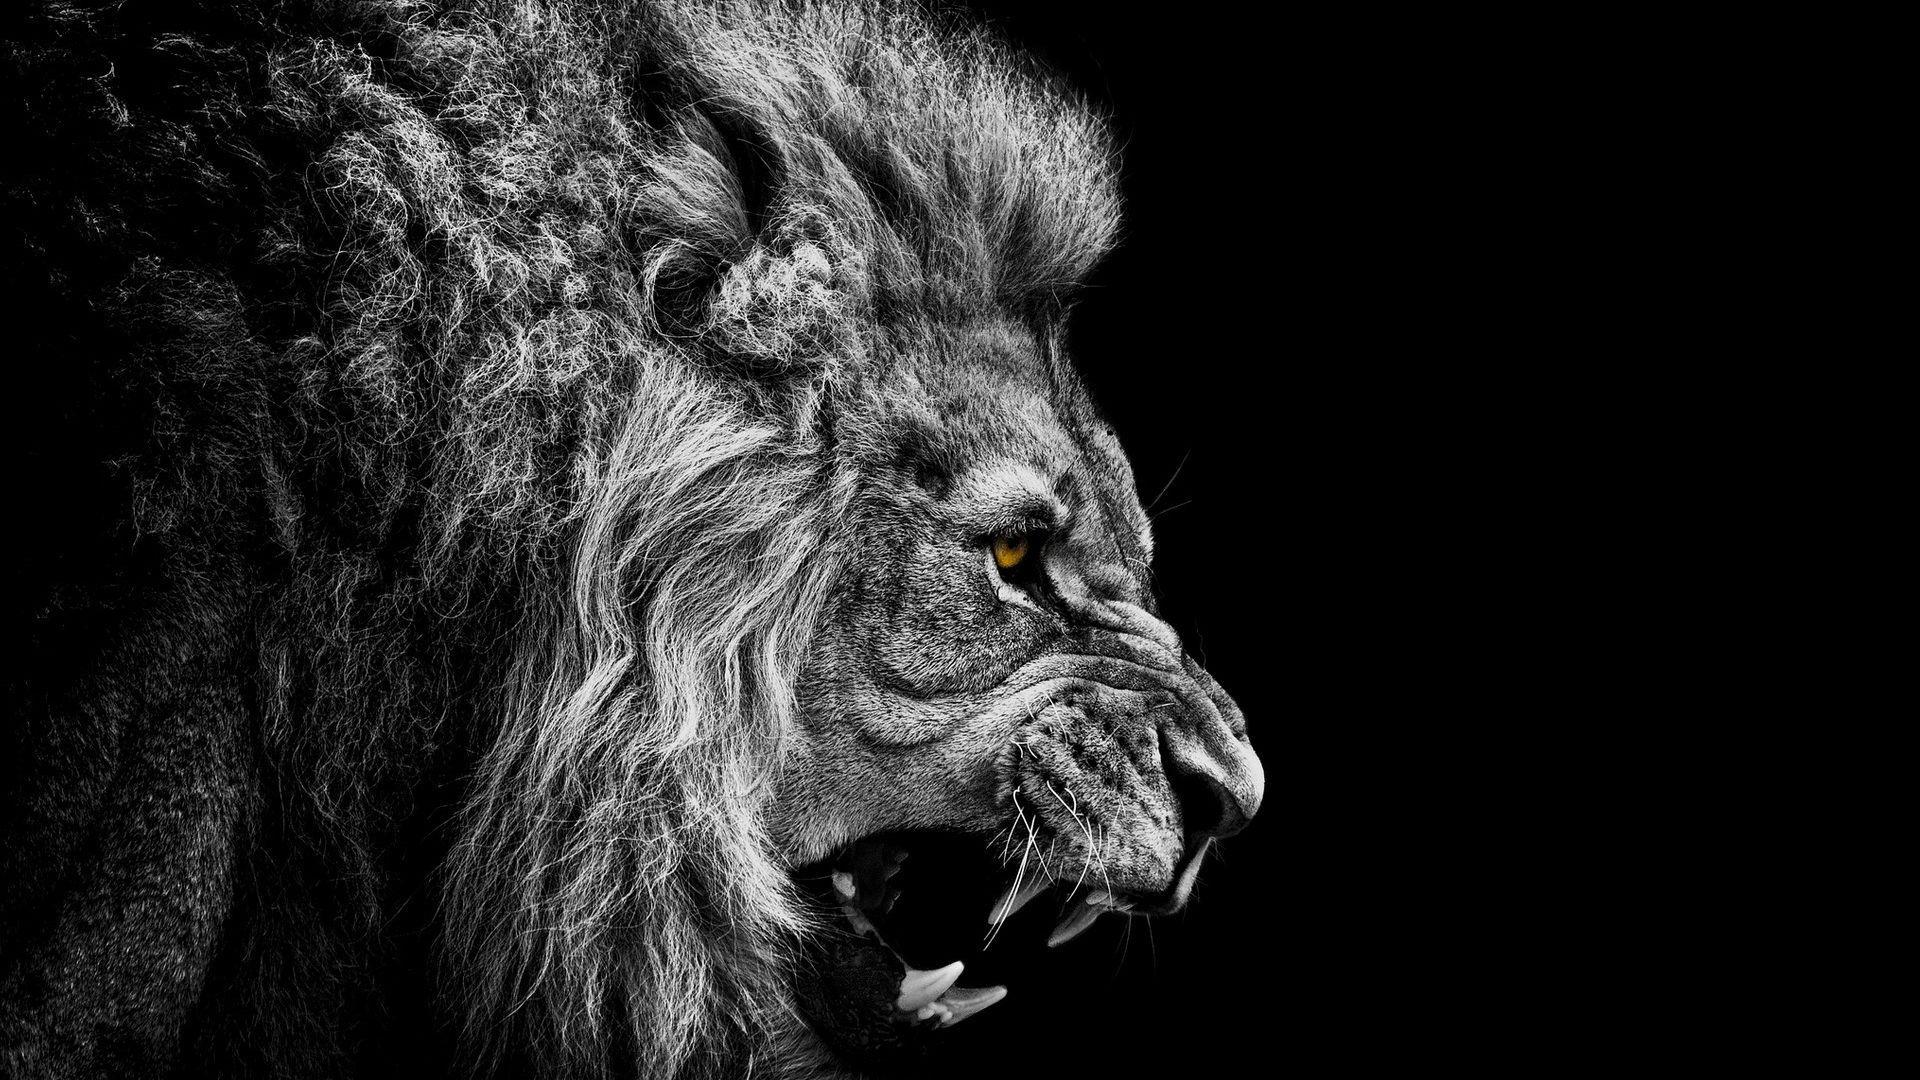 Lion-Wallpaper-Iphone-HD.jpg